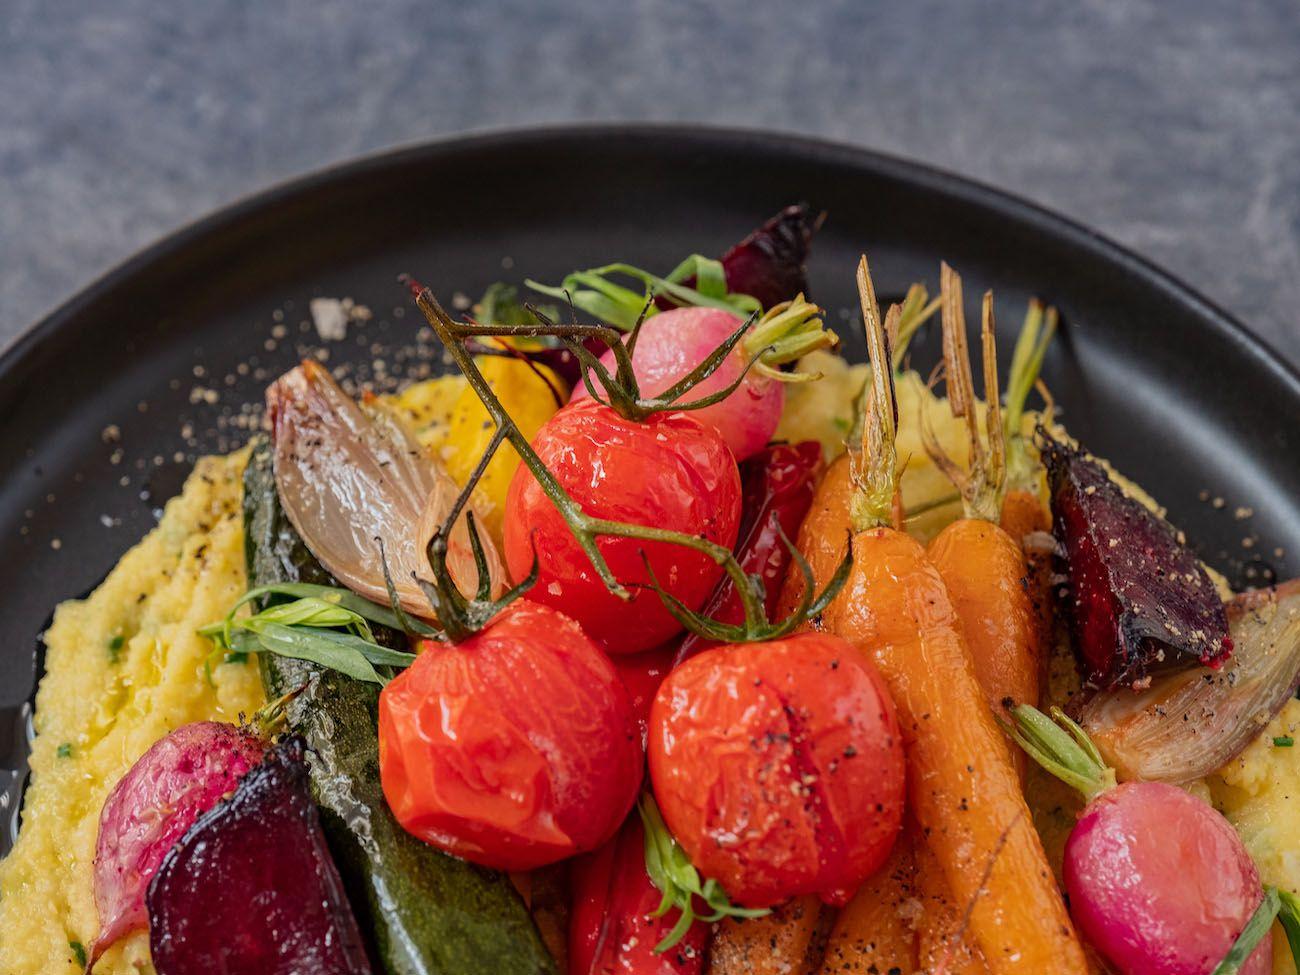 Rezept, Foodblo, About Fuel, Cremige Polenta mit Sommergemüse, Tomaten, Radieschen, Estragon, Paprika